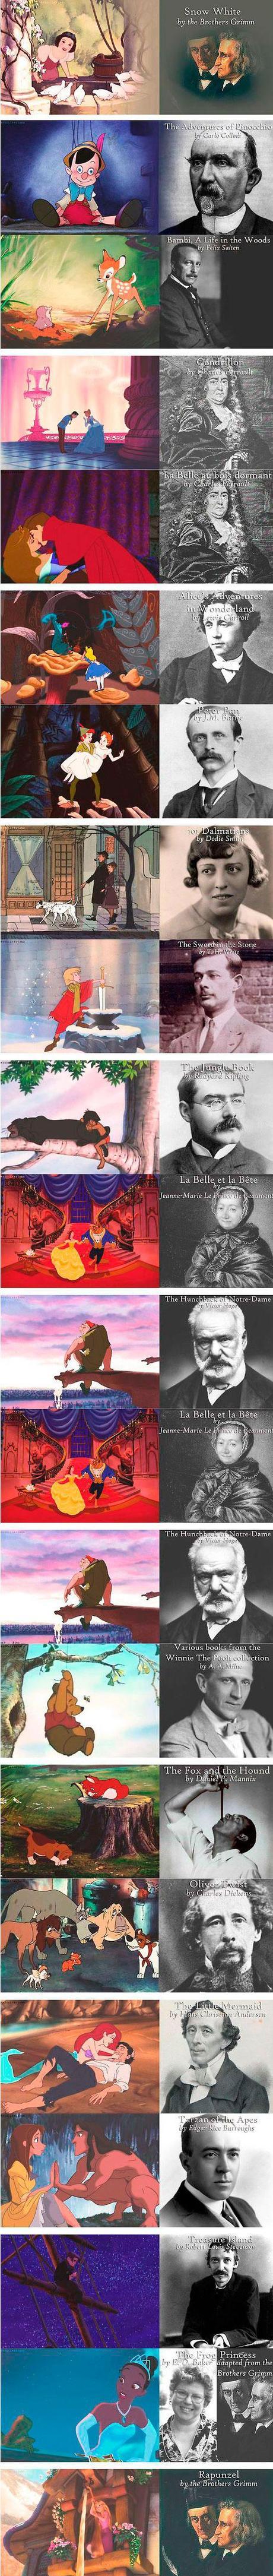 peliculas-disney-novelas